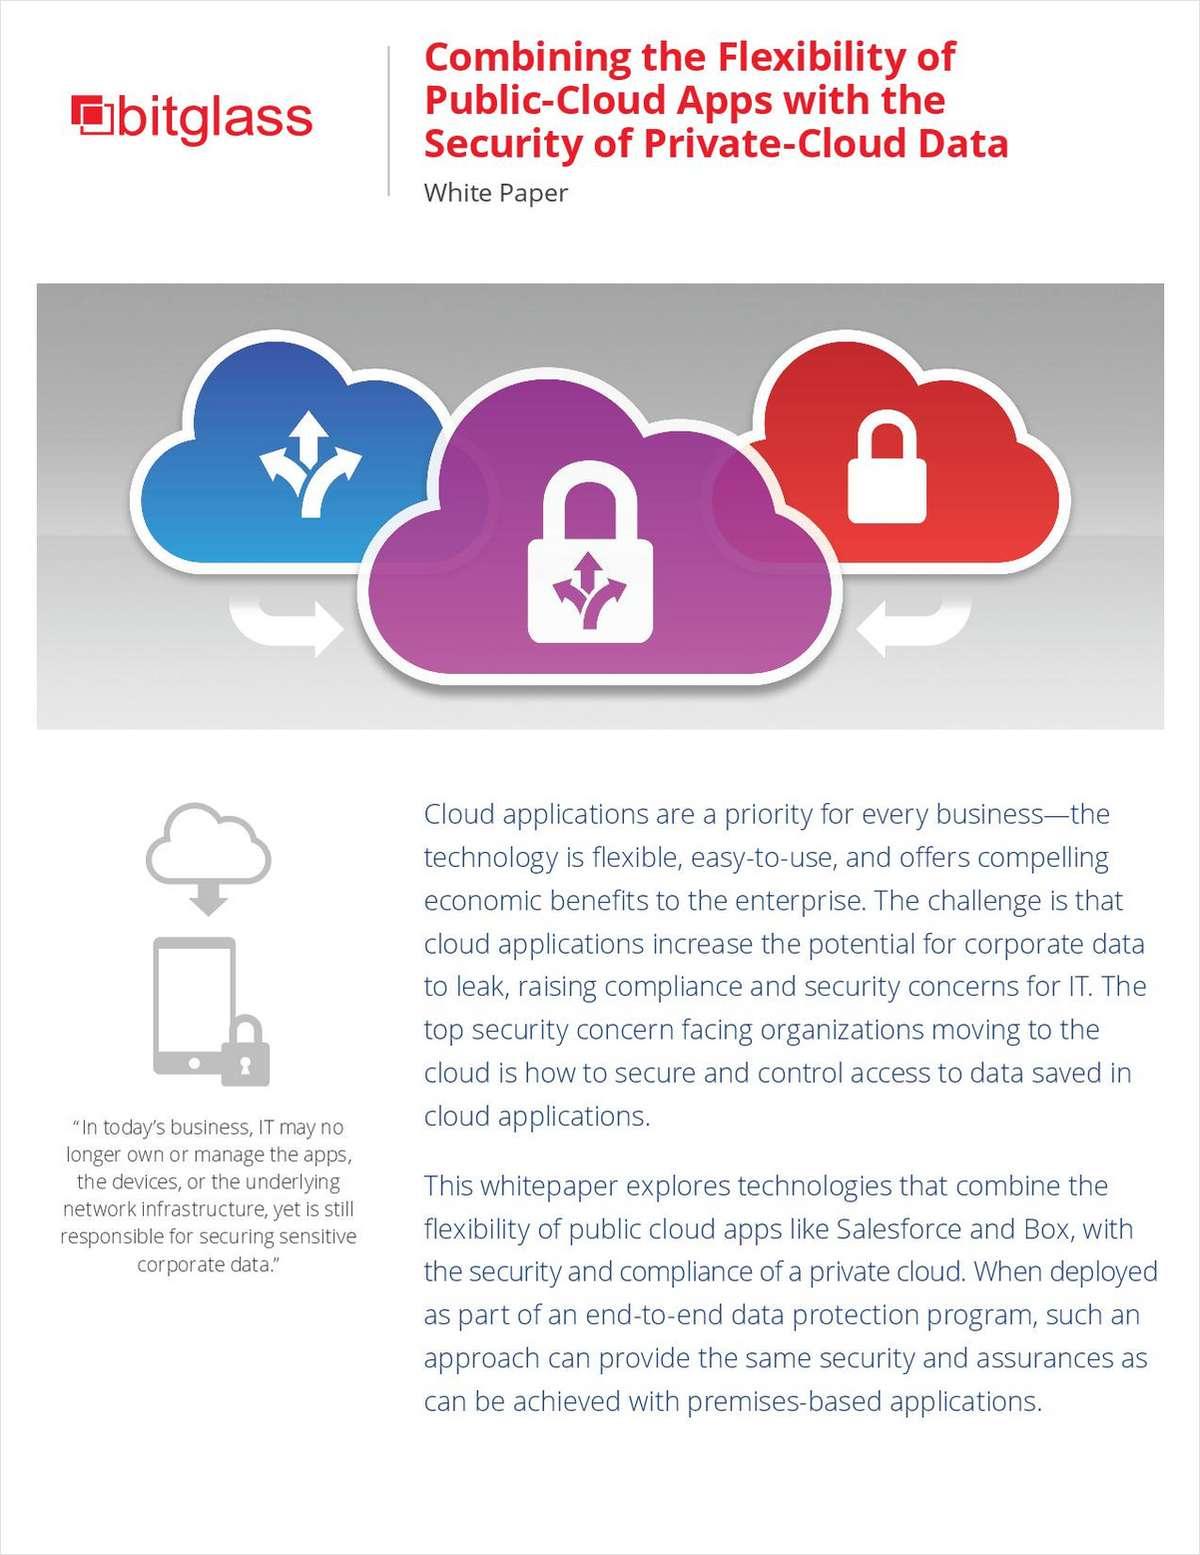 Public Cloud Flexibility, Private Cloud Security